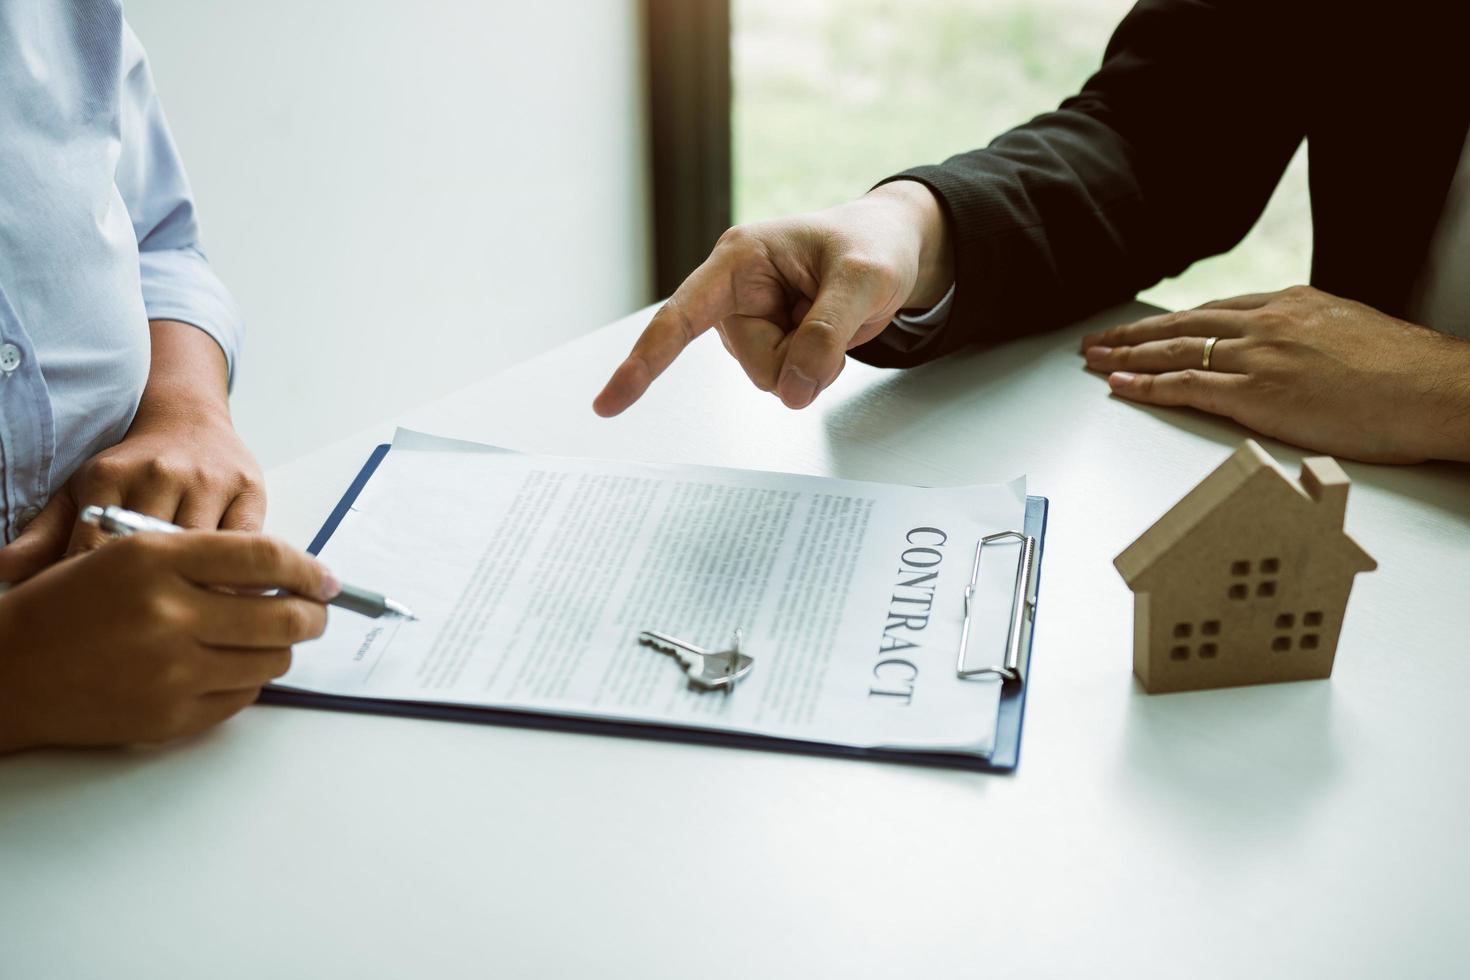 kunden tecknar hemlånskontrakt foto